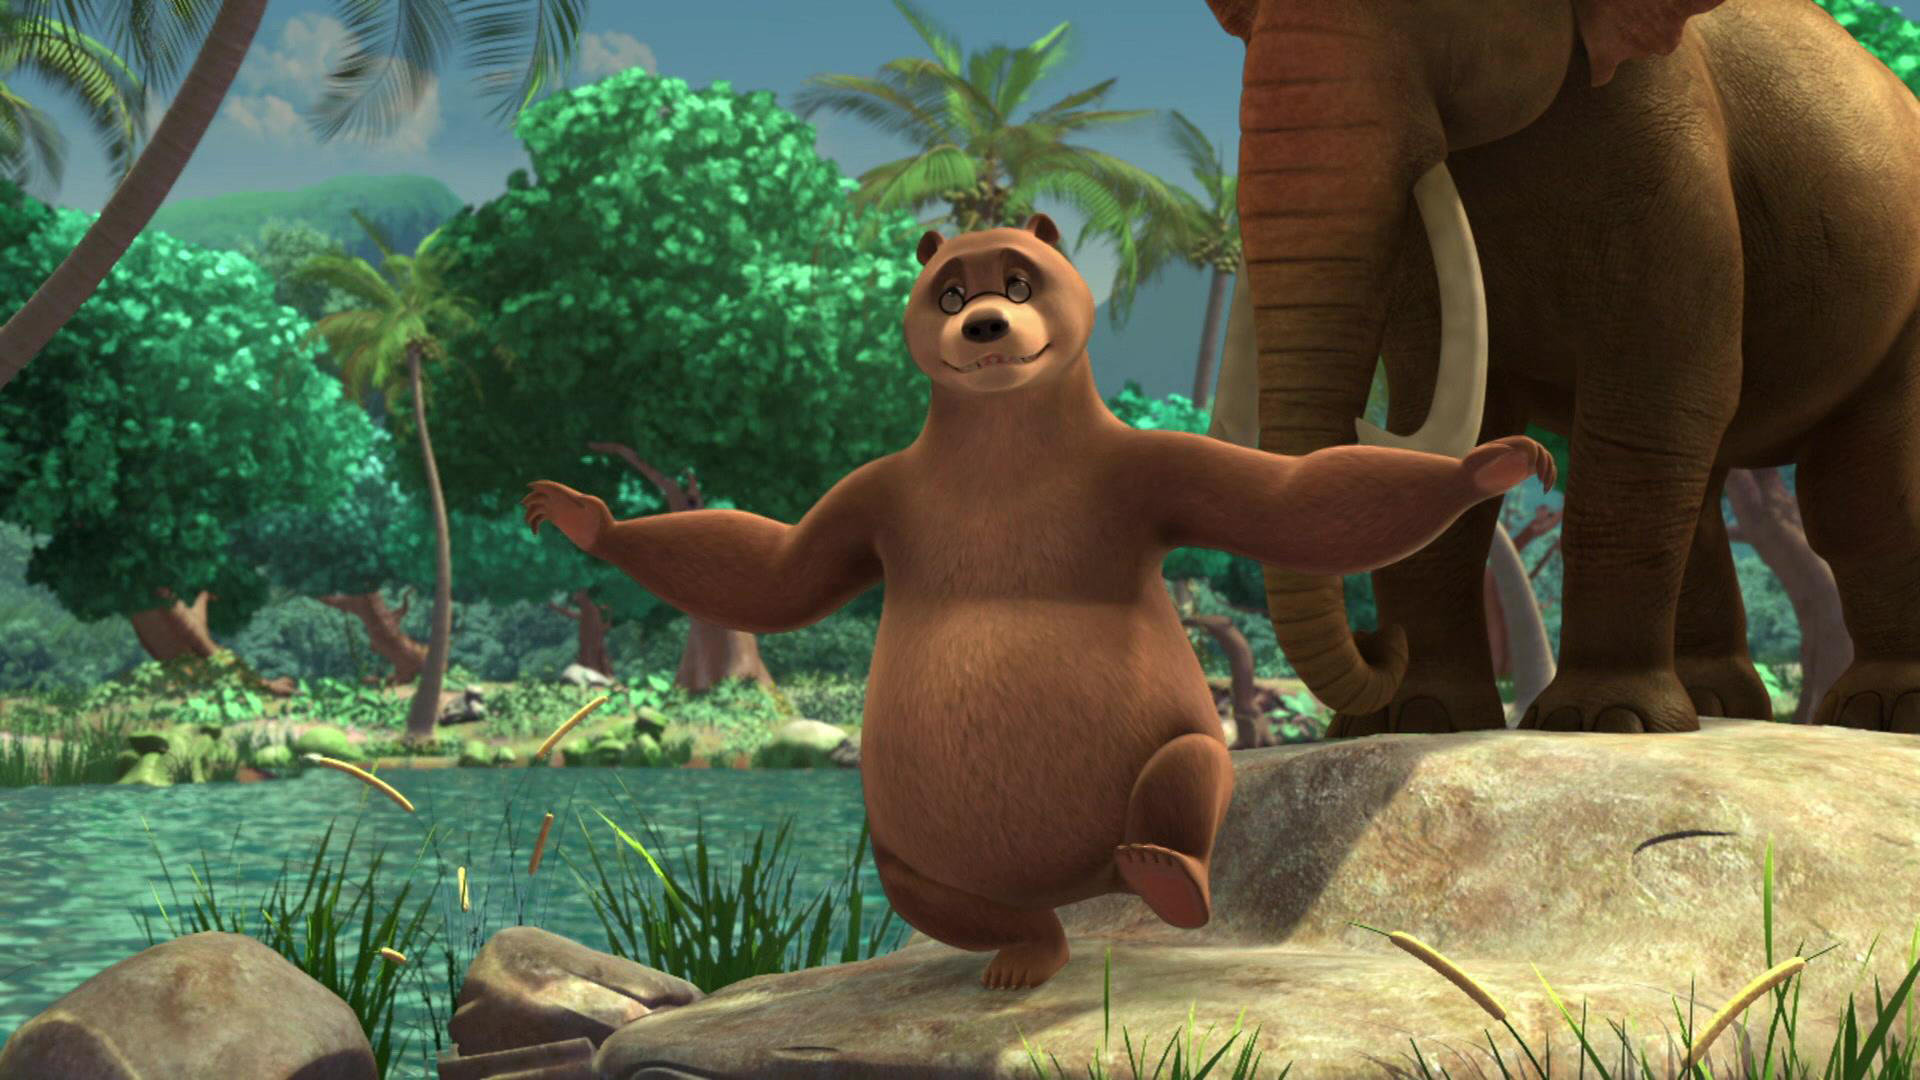 Dschungelbuch Film 2021